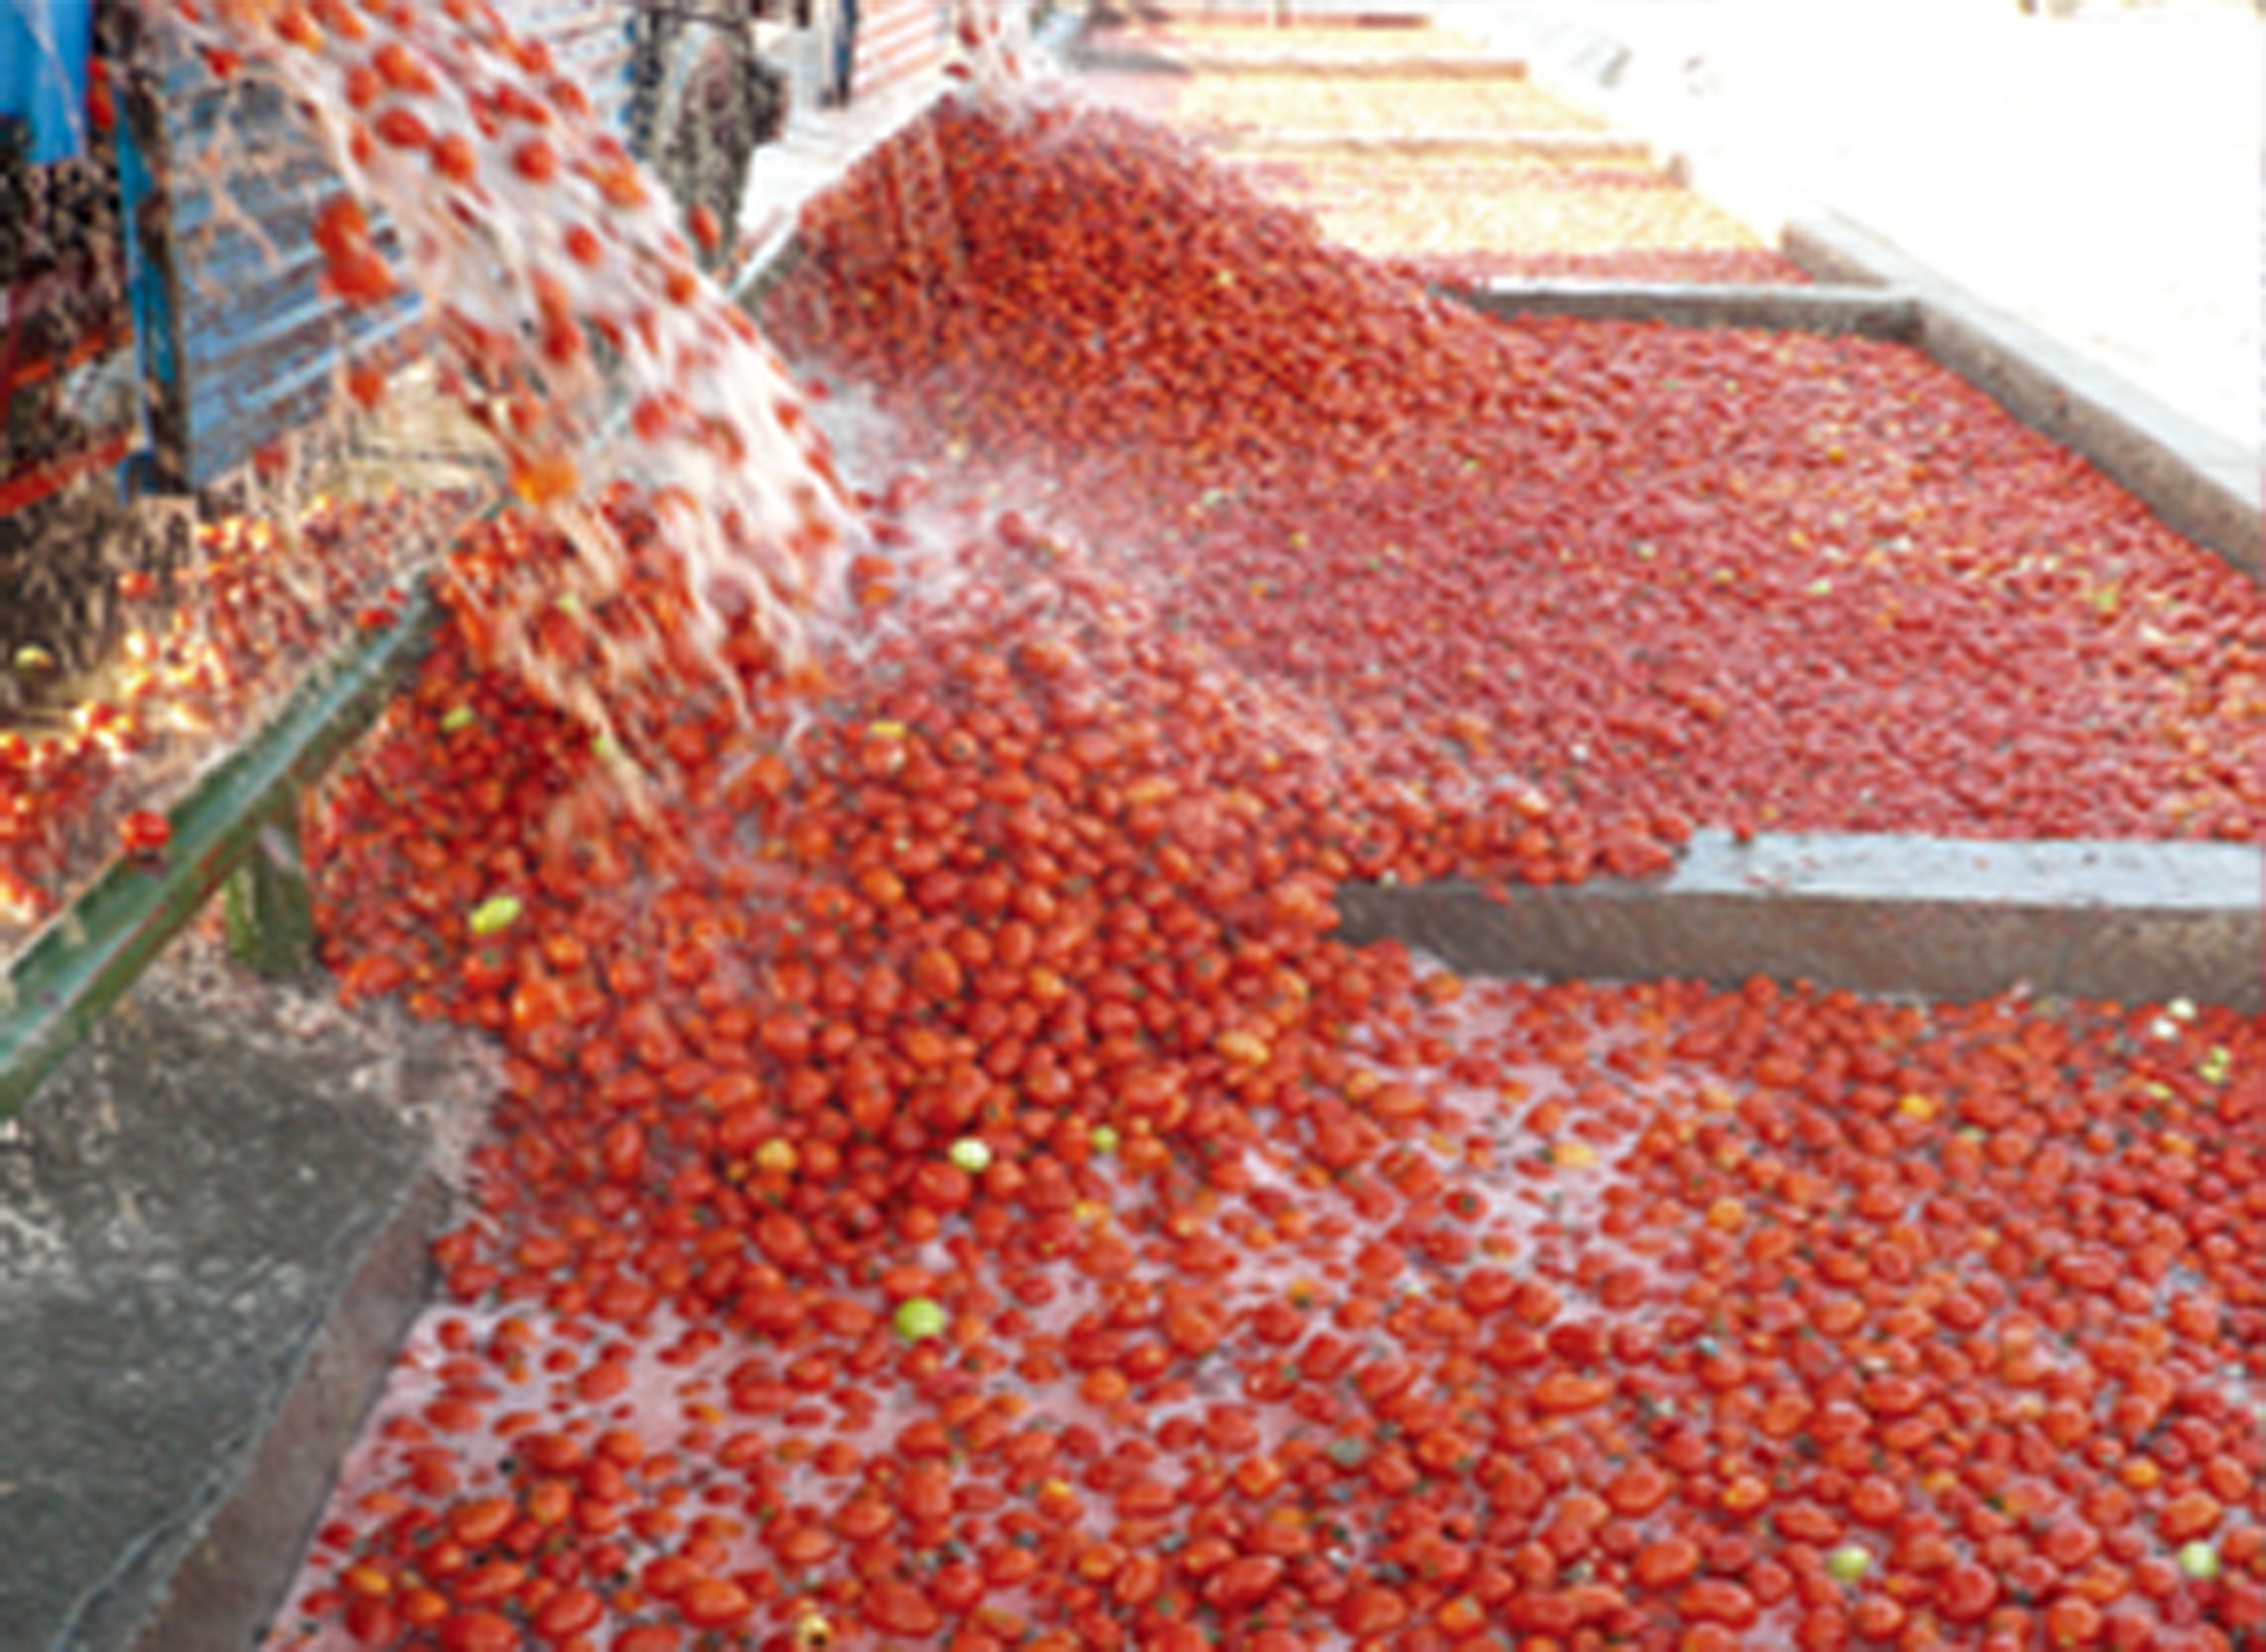 Línea de procesamiento de tomate